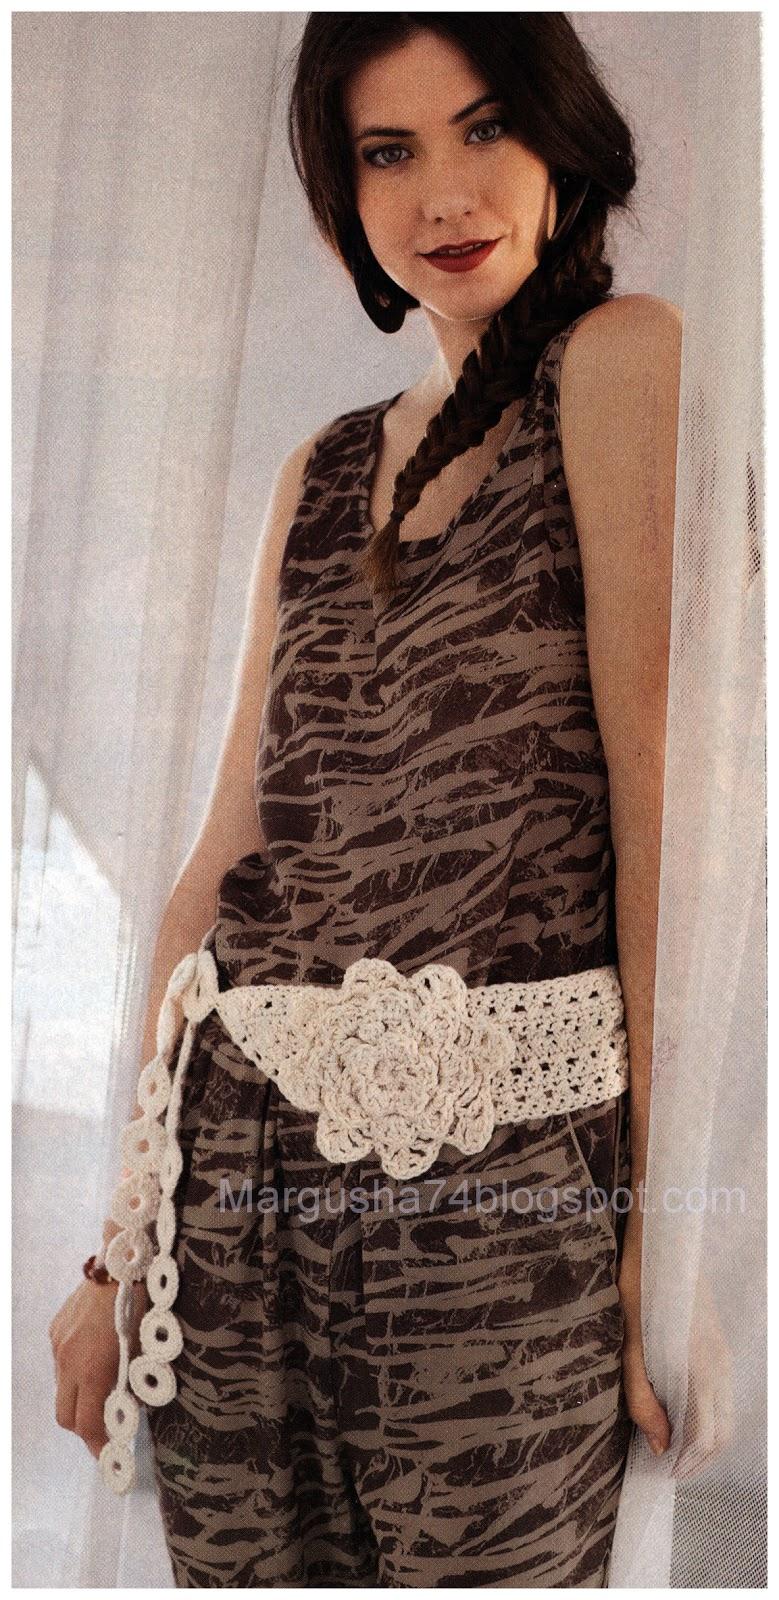 Коробка увлечений: Ремни, пояса и браслеты вязаные